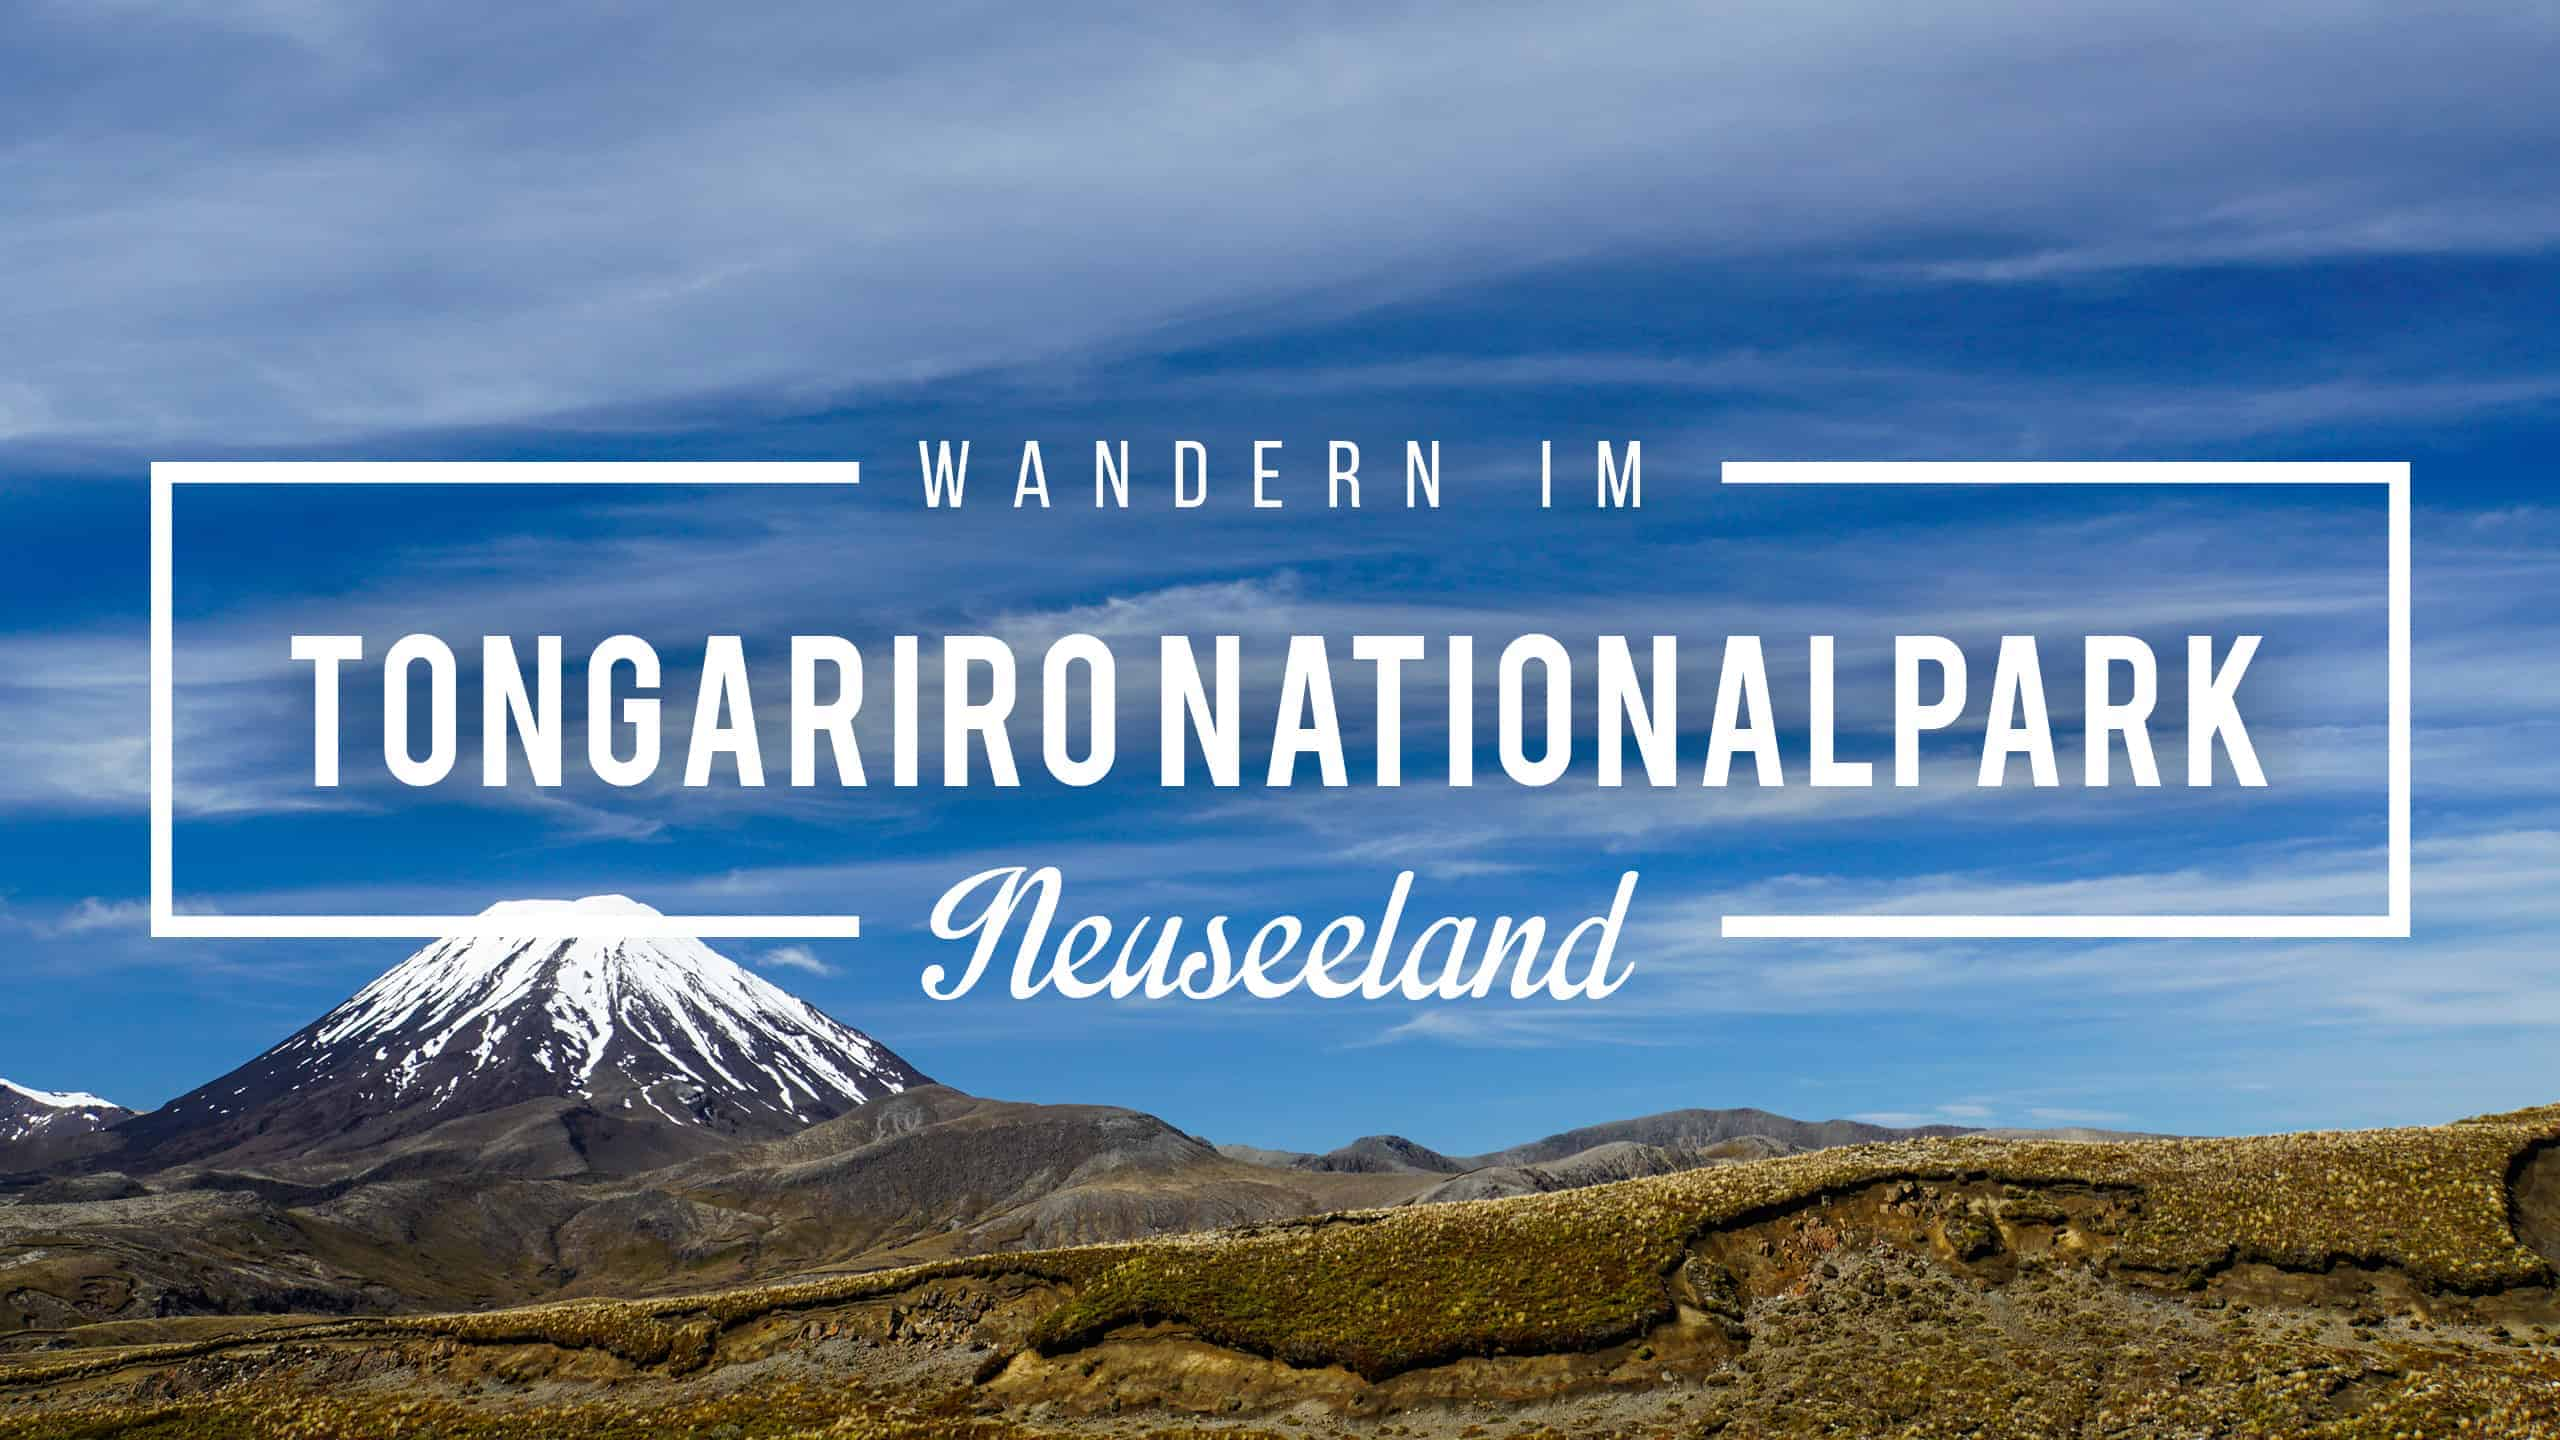 wandern-im-tongariro-nationalpark-neuseeland